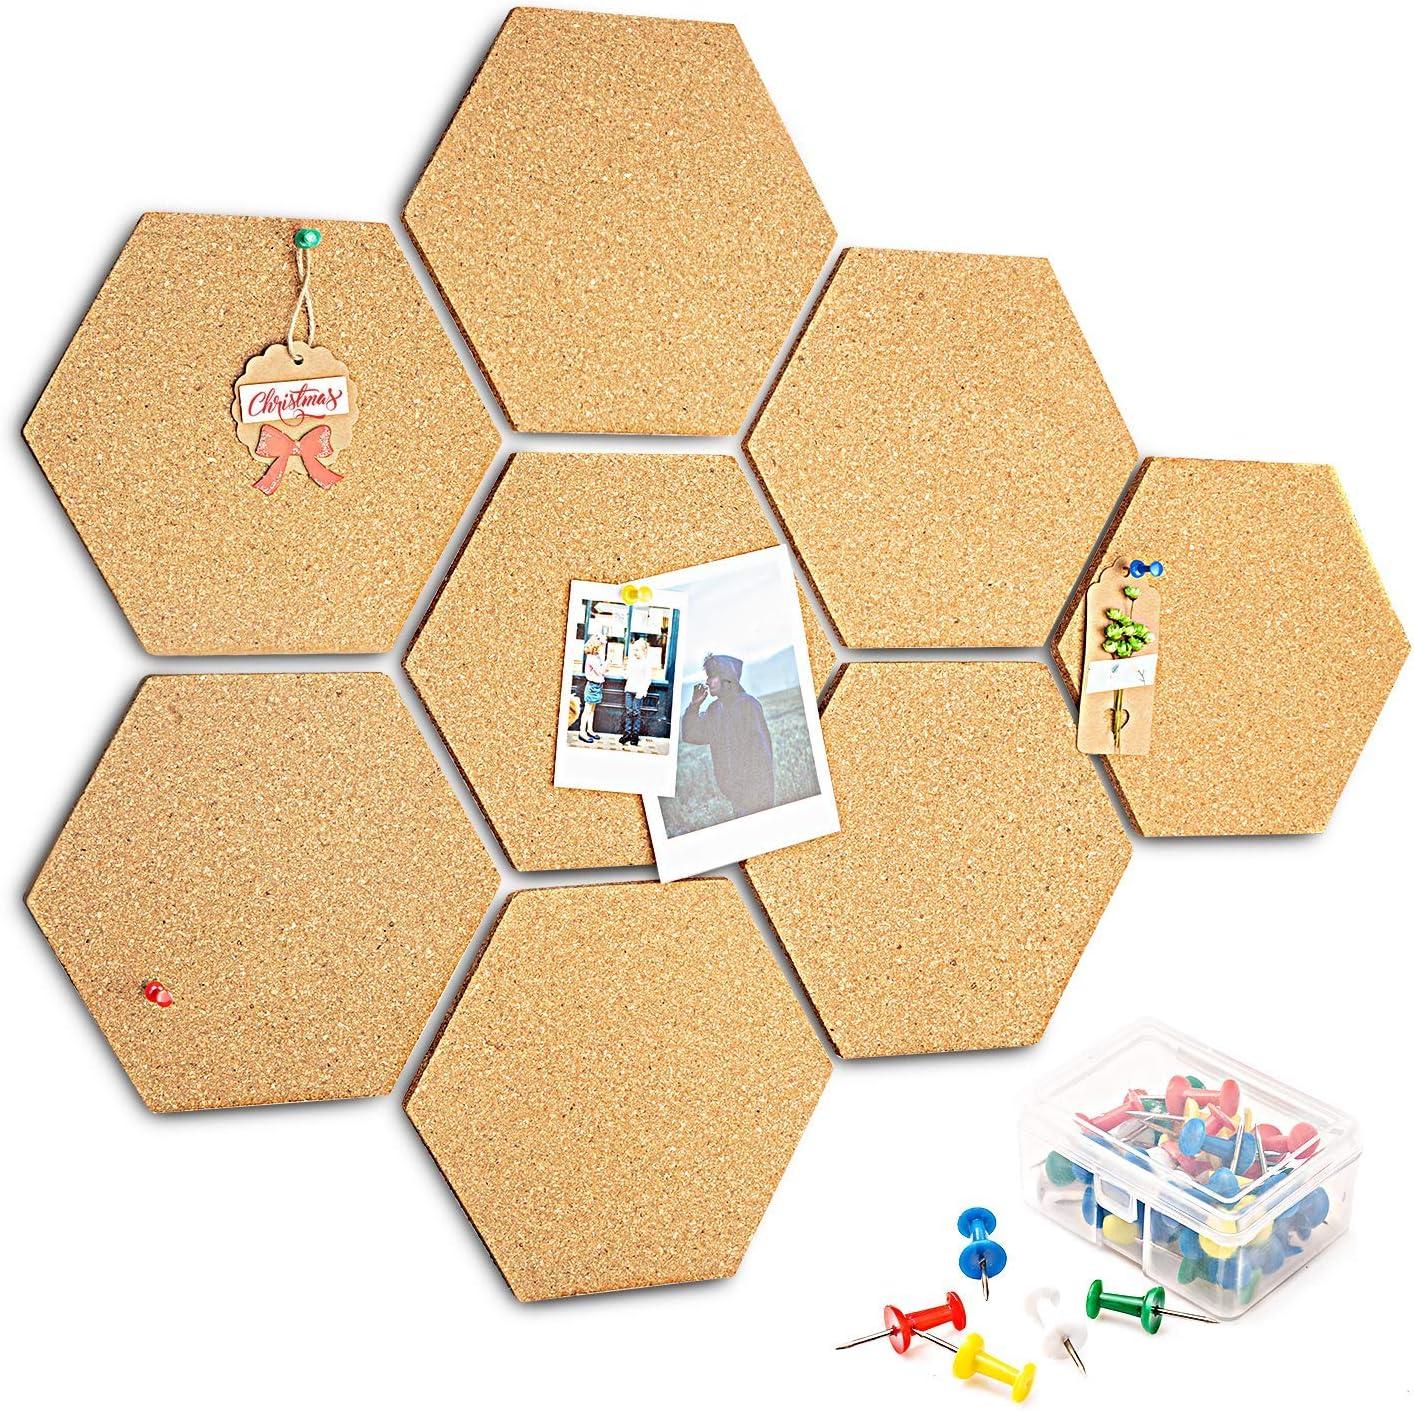 HENMI - 8 tablones de corcho autoadhesivos para DIY, uso multifuncional para colgar fotos, decoración del hogar y memorándum de oficina, con 40 unidades de chinchetas